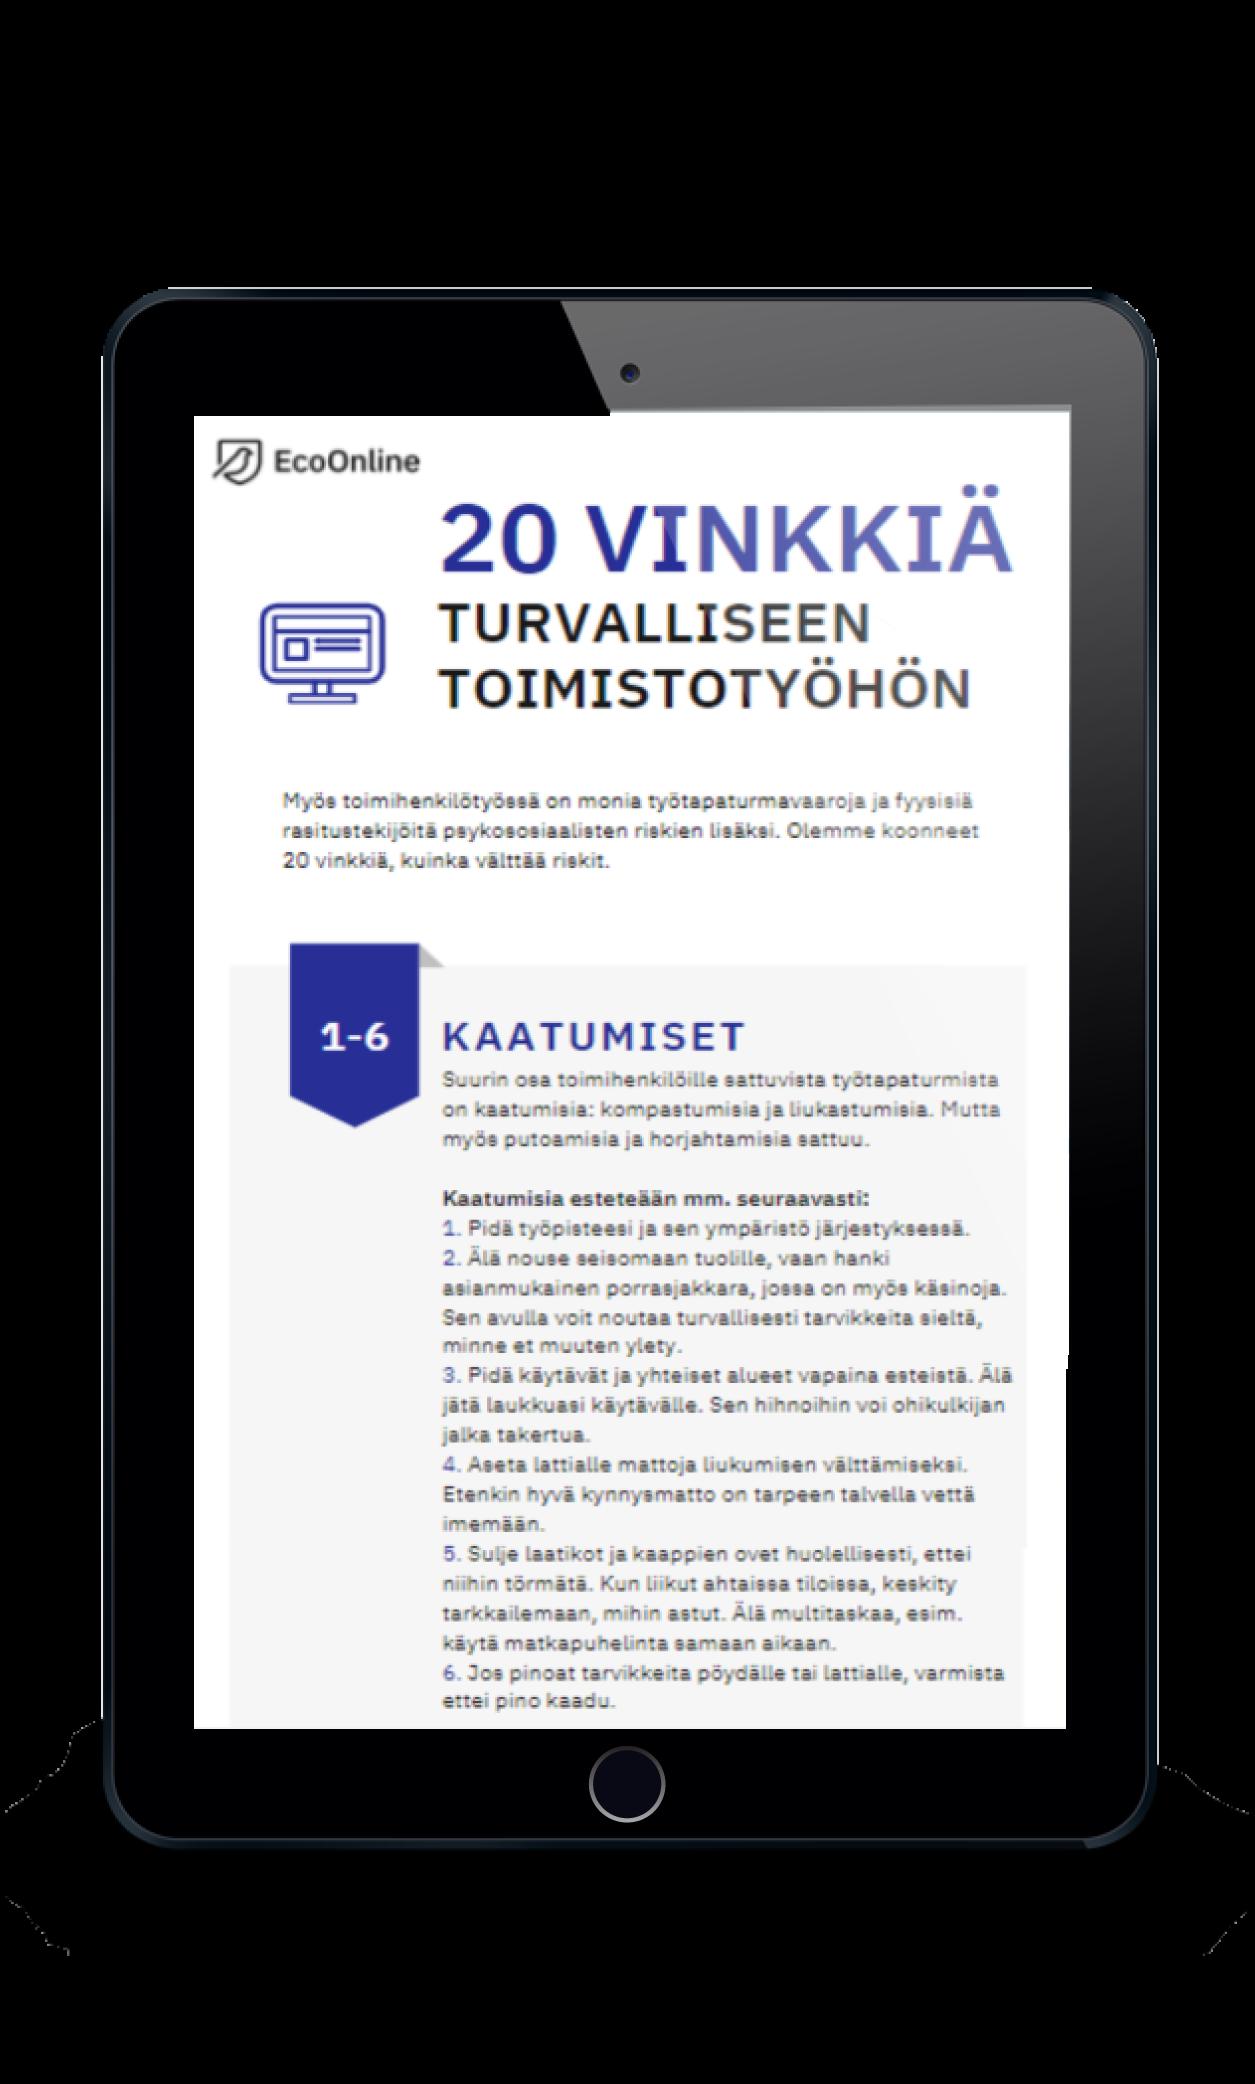 FI_Book Covers_20_vinkkia_toimistotyohon